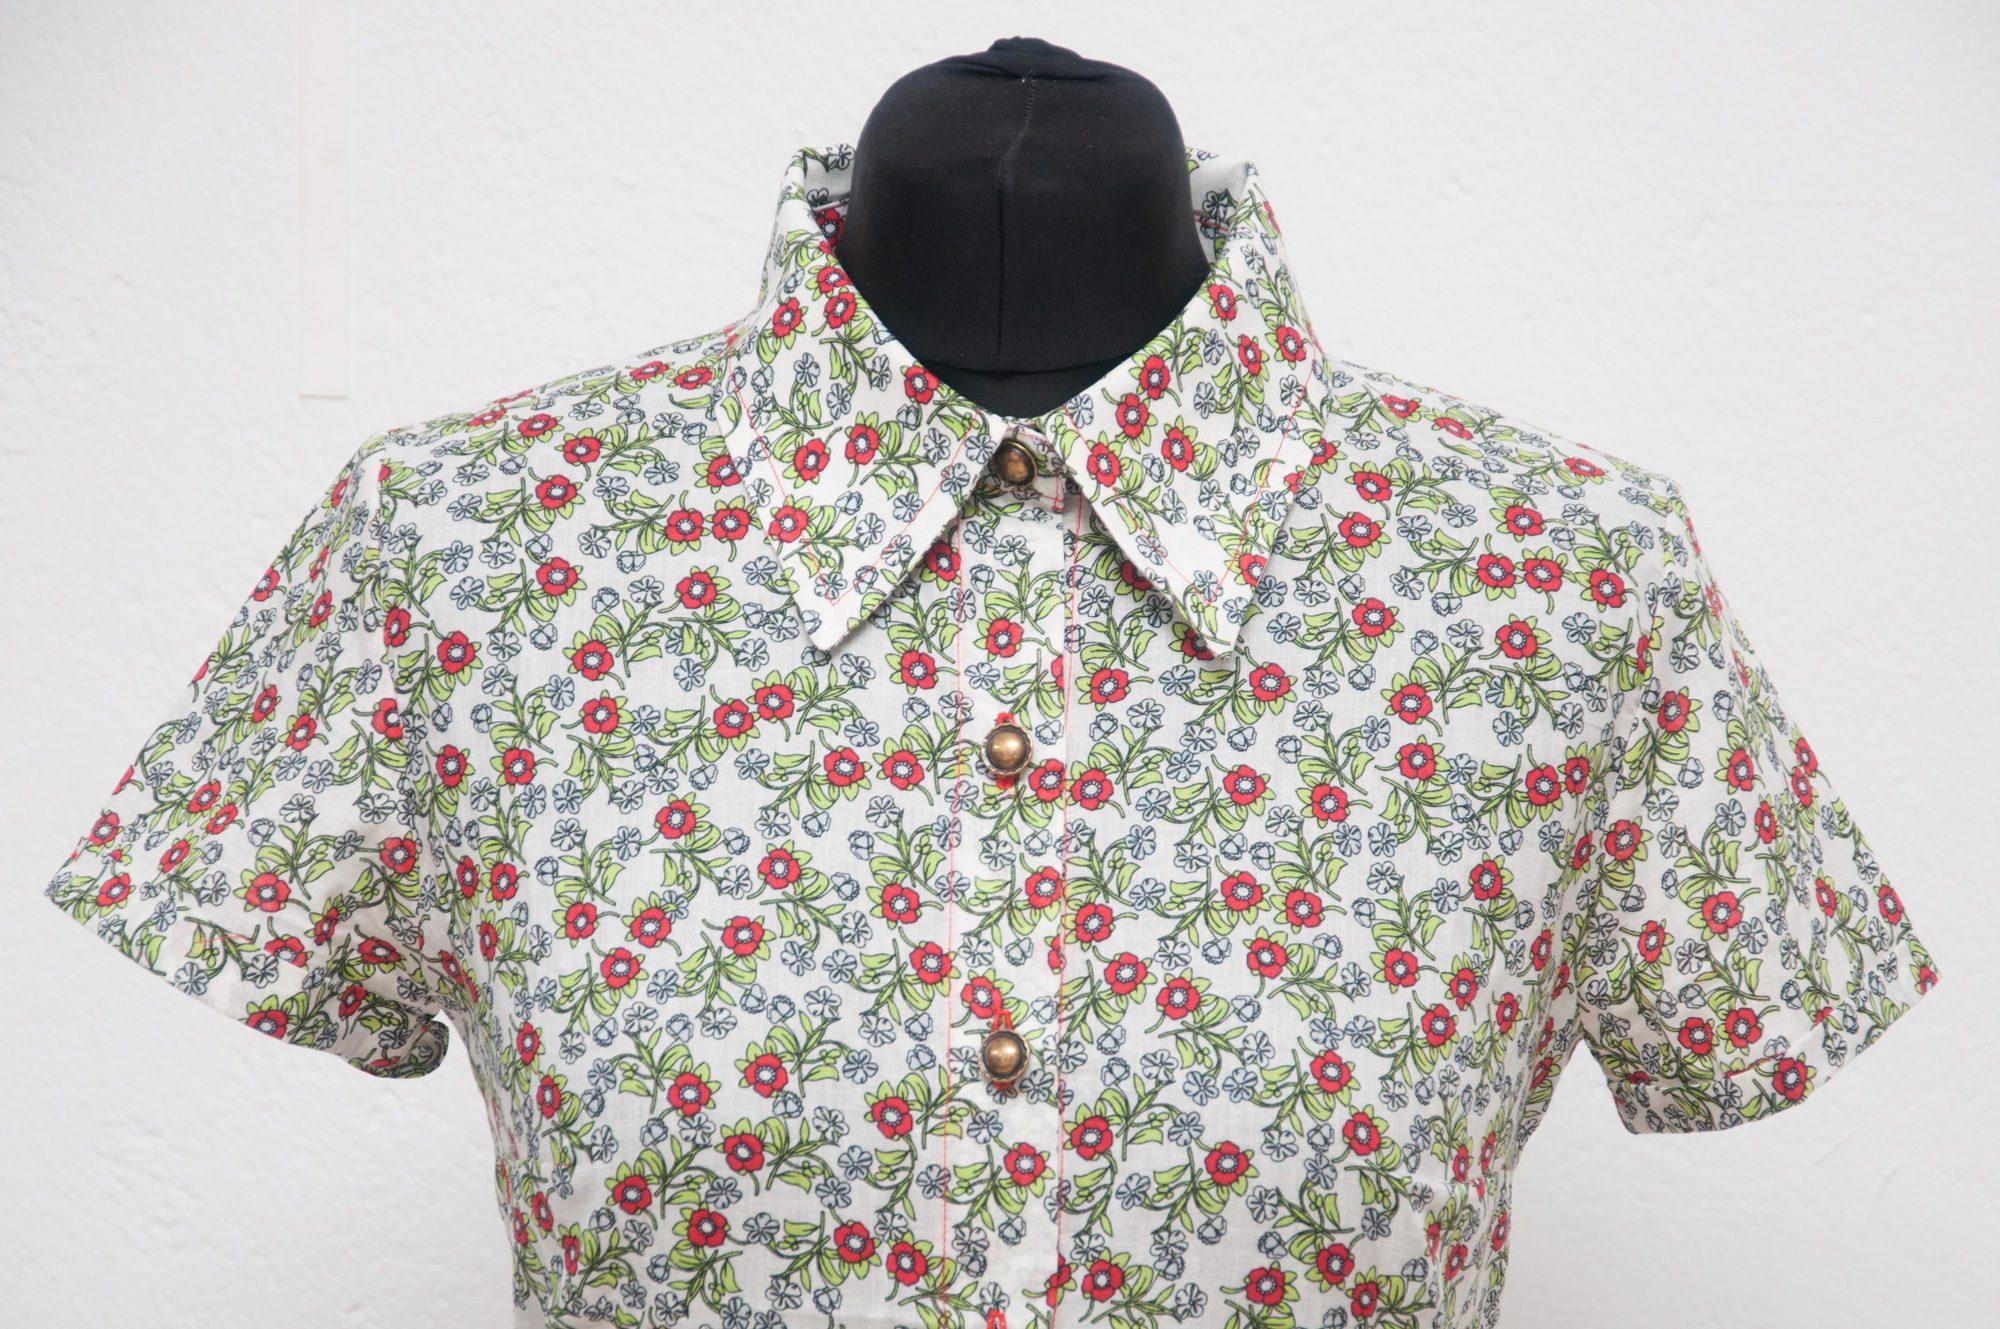 Camisa flores botones metalicos